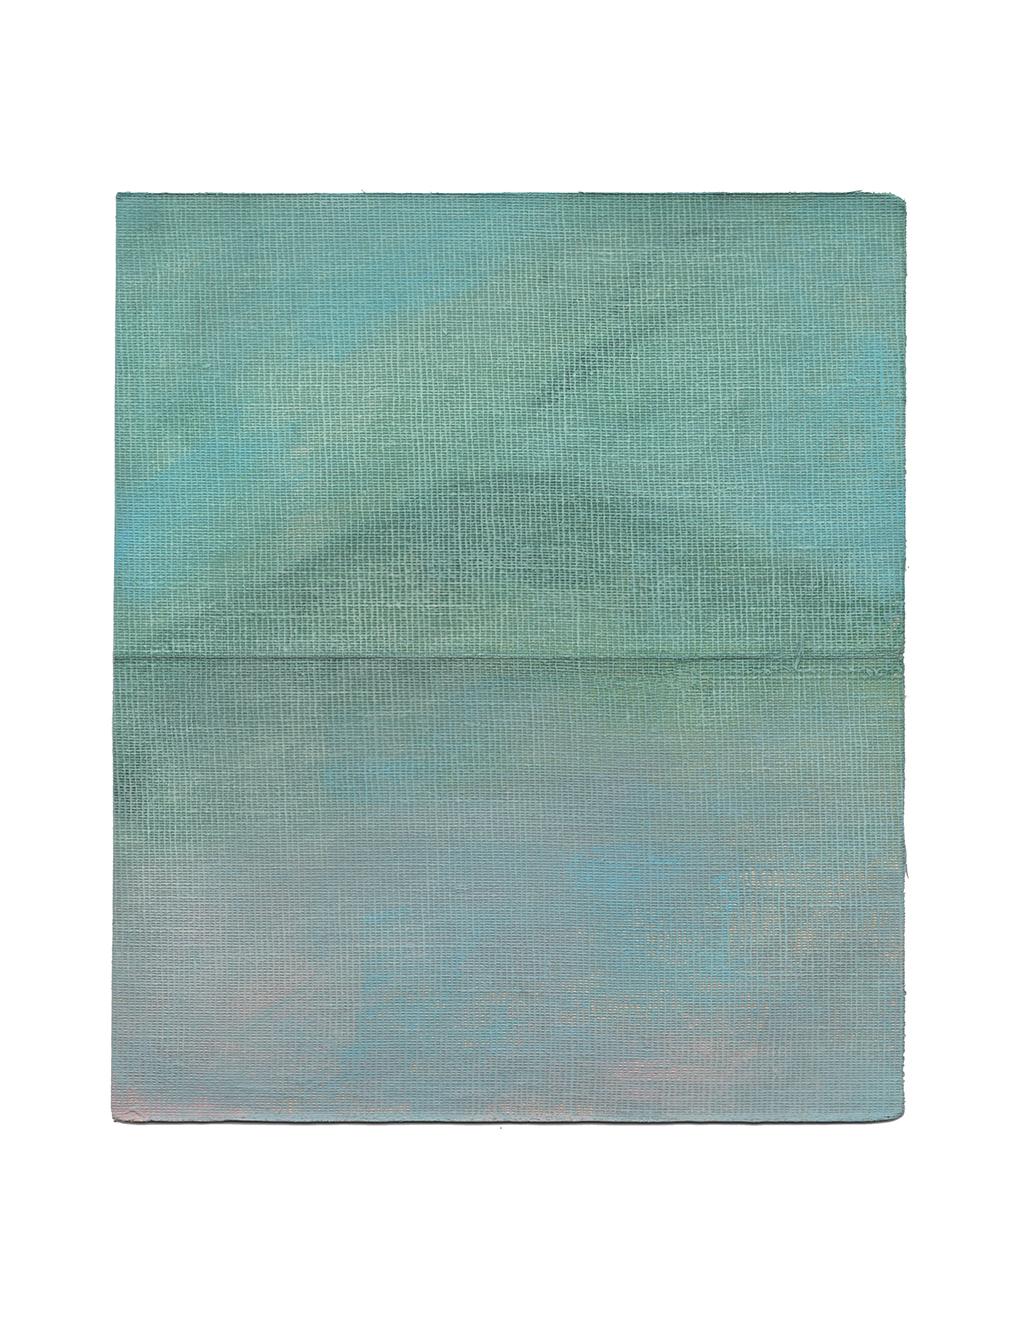 The Mountain,   2018  5cm x 8cm  Acrylic on Canvas